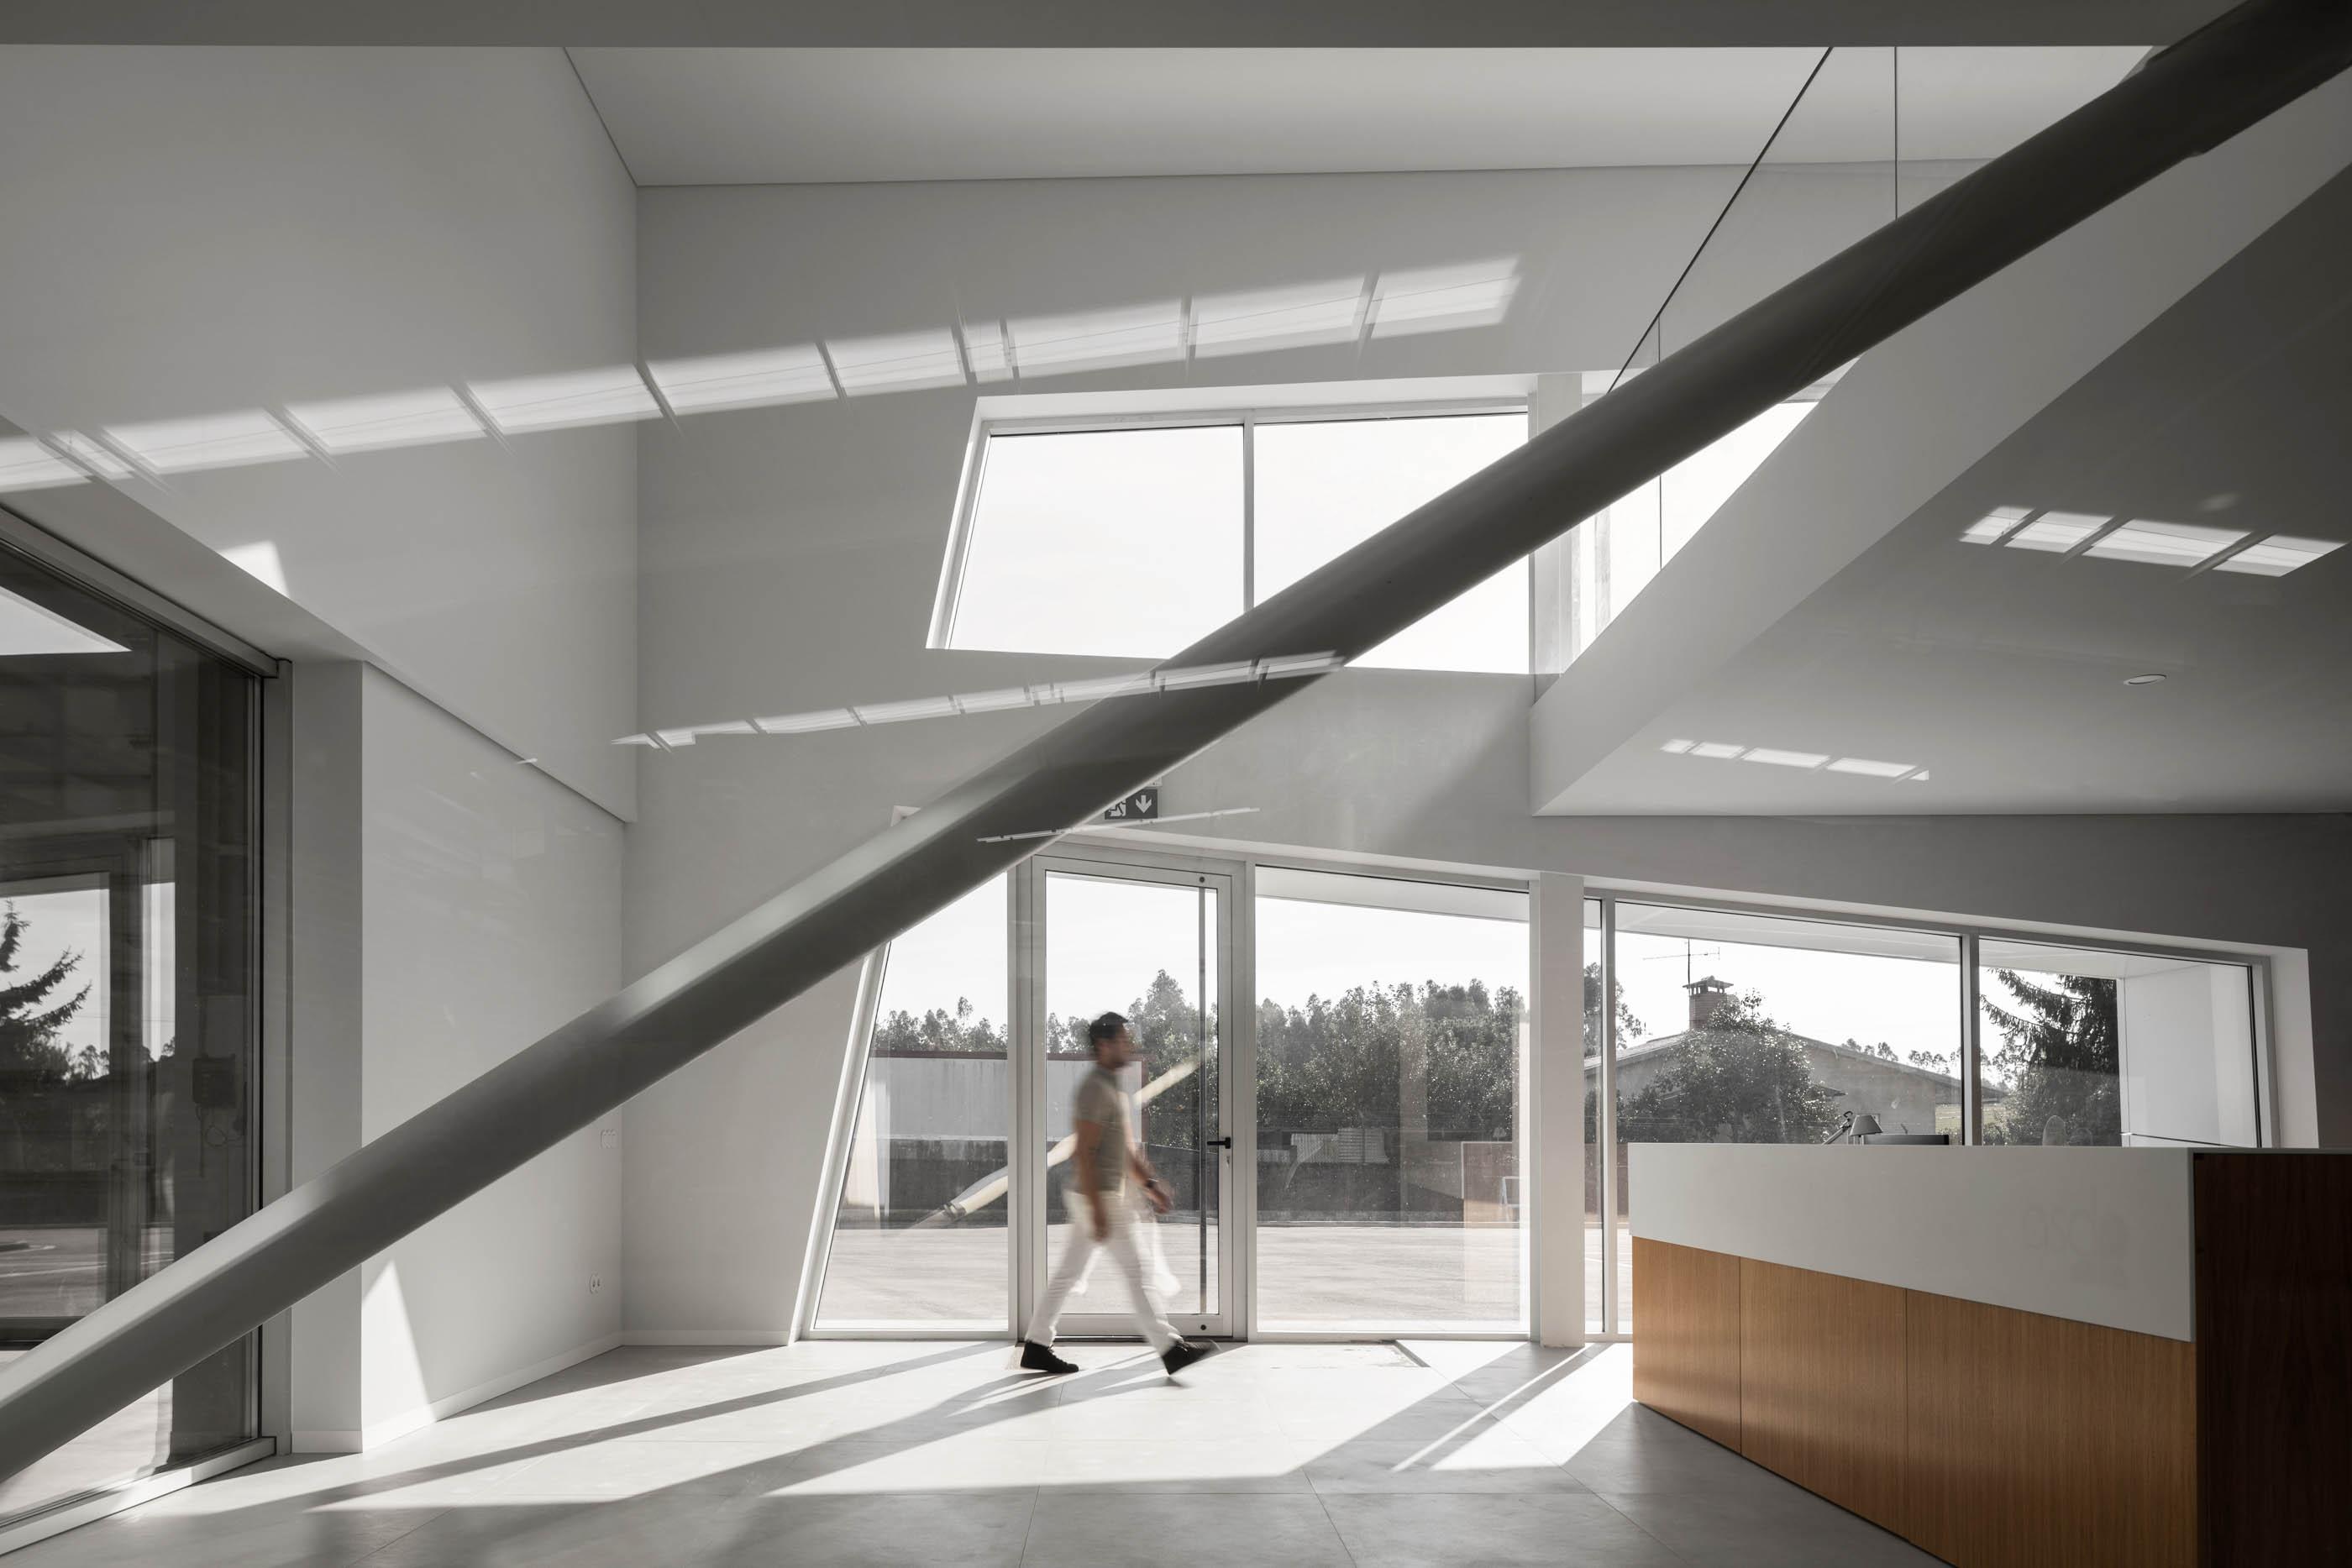 Planstone Pavilhão Industrial Em Águeda Do Atelier De Arquitet do fotografo Ivo Tavares Studio